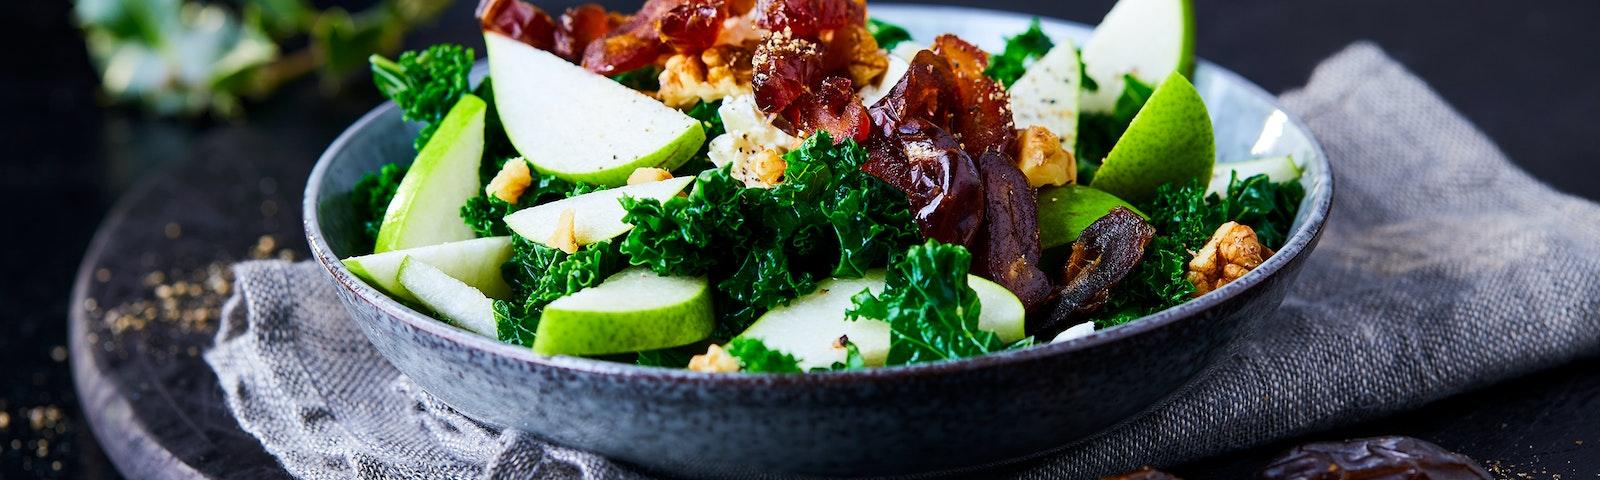 Salat med kål, pærer og dadler